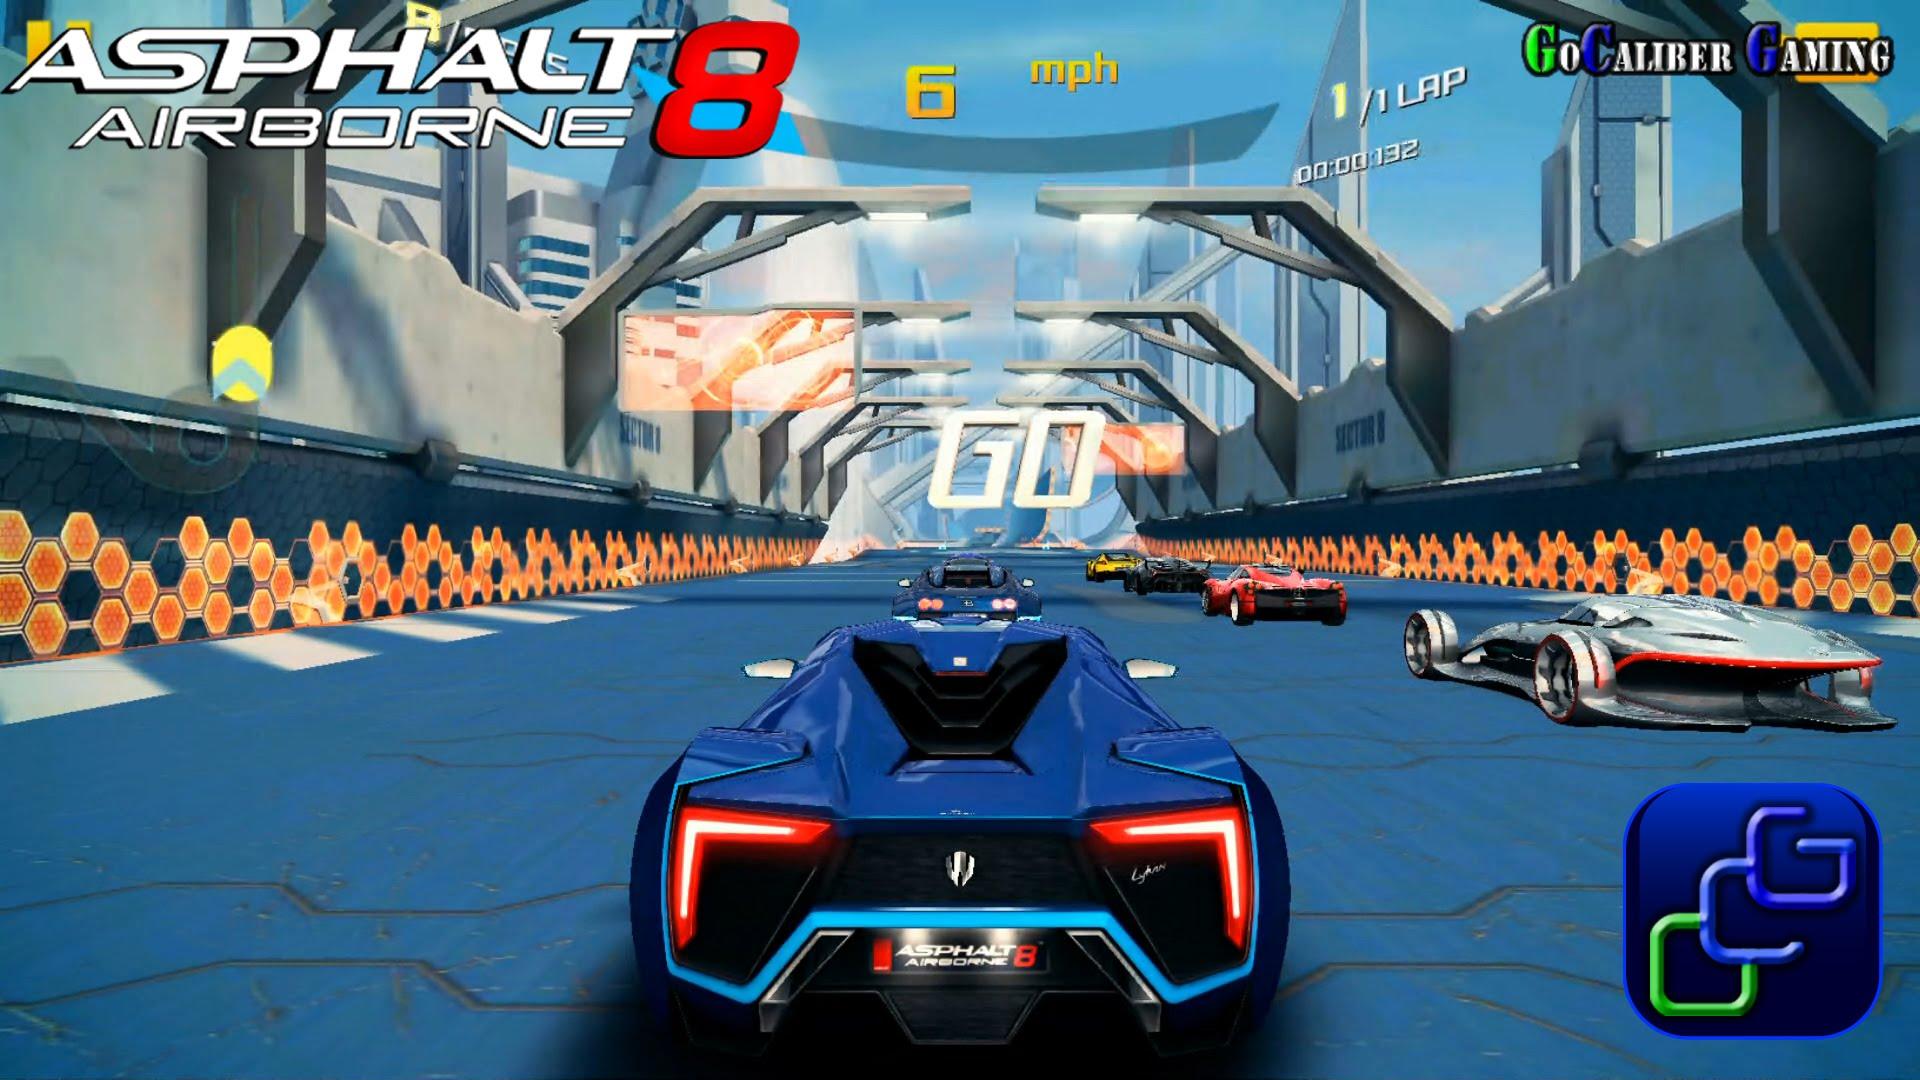 Asphalt 8 đồng thời còn được nâng cấp, liên tục cập nhật các đường đua mới,  Event và còn có thể thi đấu online giữa các người chơi.